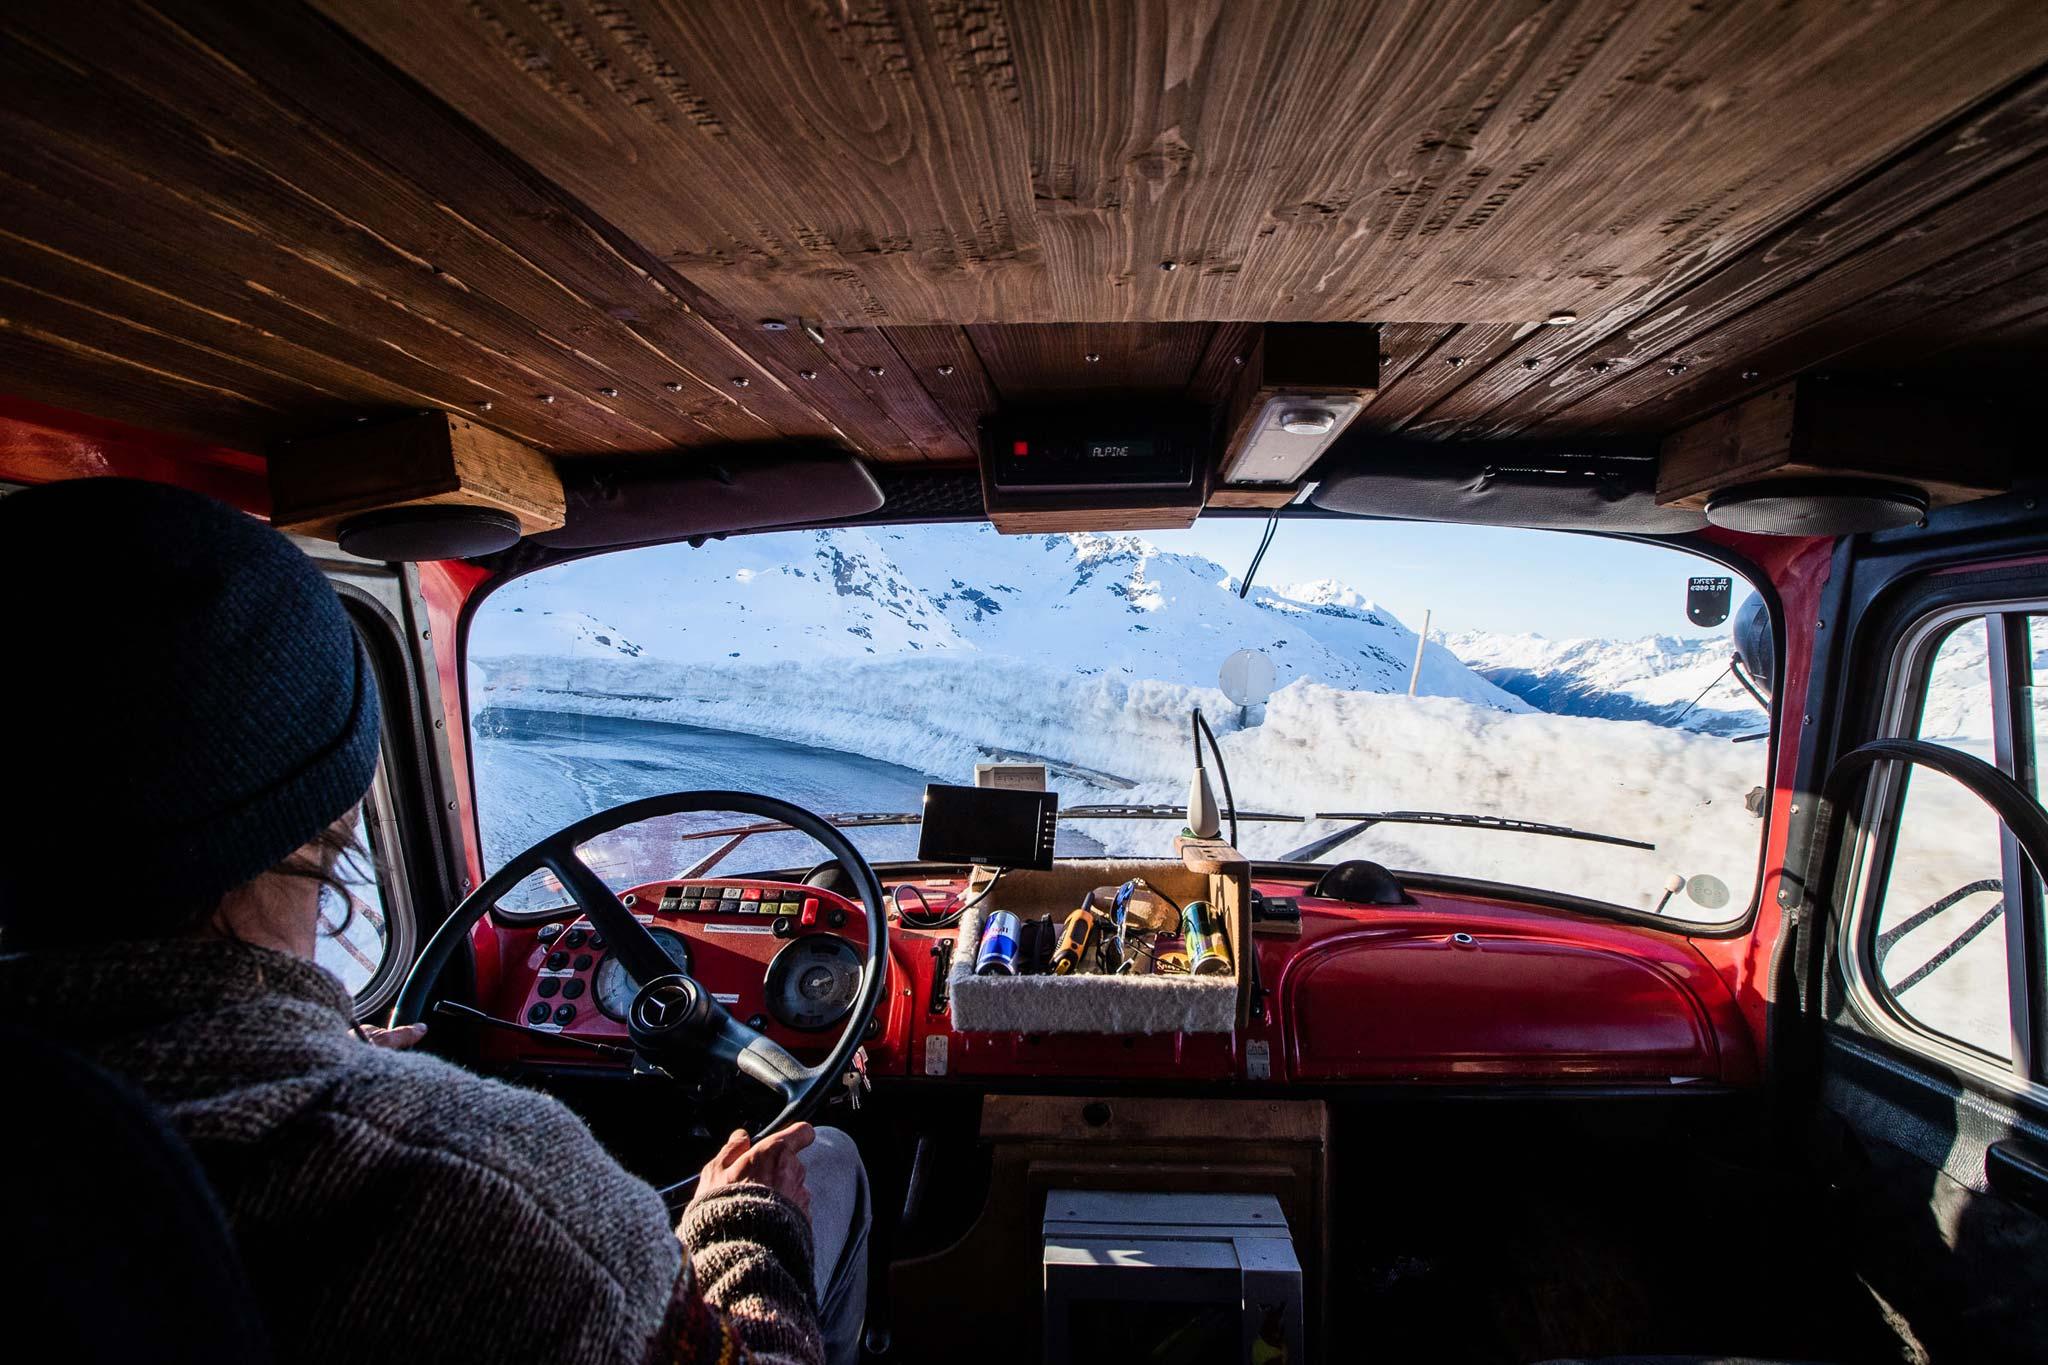 Trotz seiner stattlichen Maße kommt Fabi mit seinem Truck quasi überall hin. - Foto: Flo Breitenberger